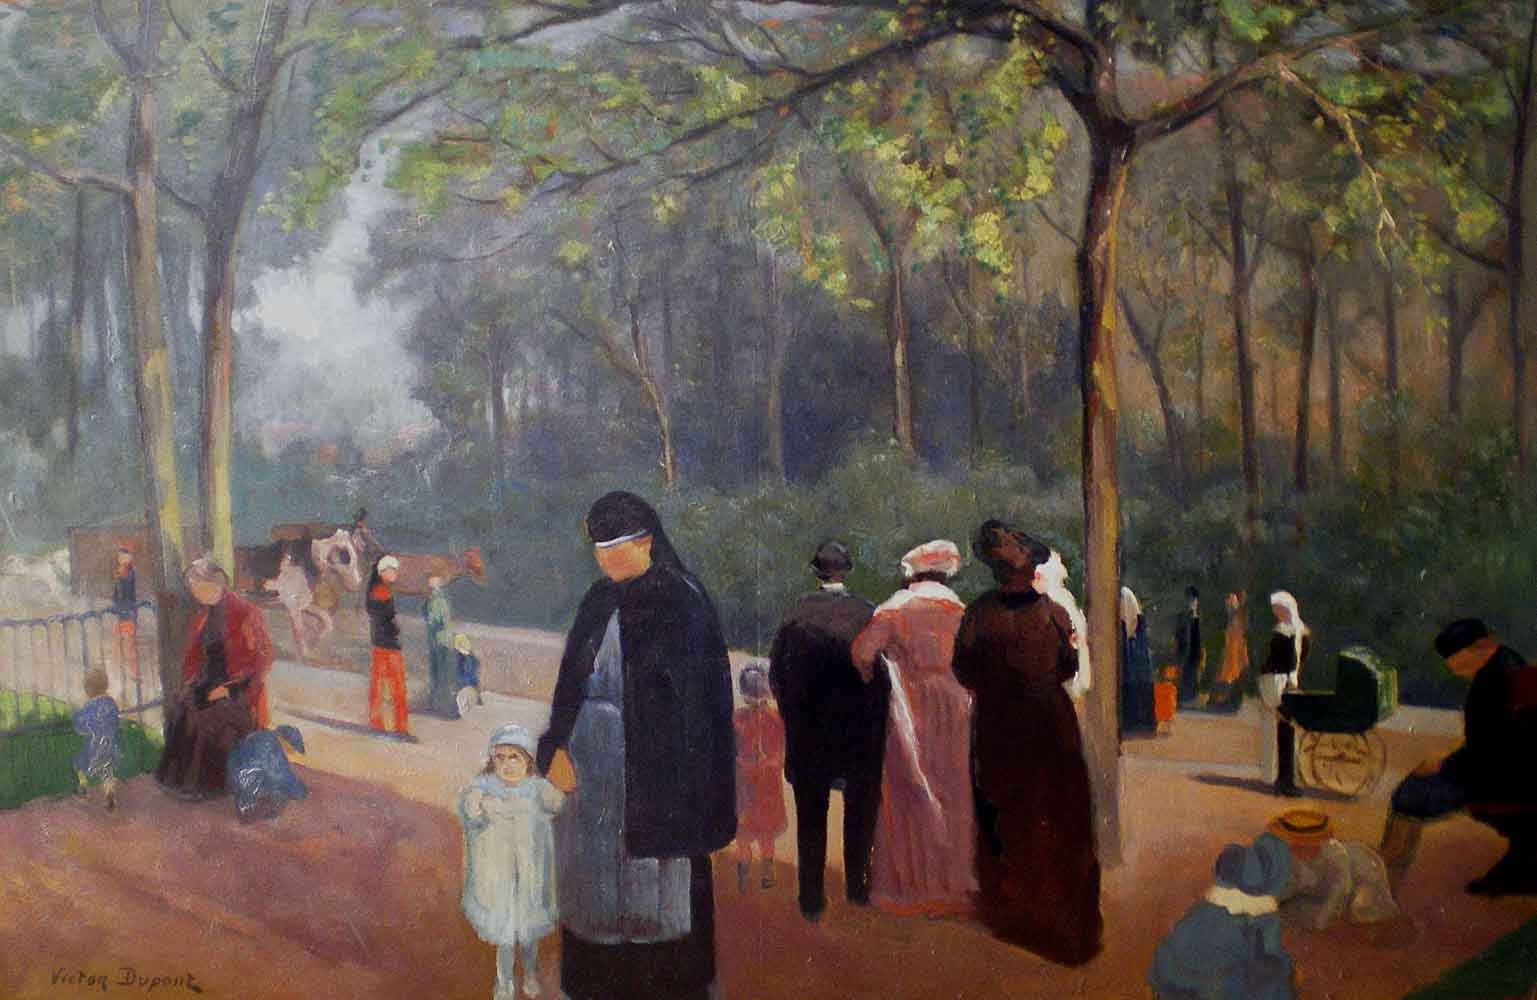 « Boulevard des Invalides », huile sur toile (100cm x 73cm), vers 1900, collection JLM, France.